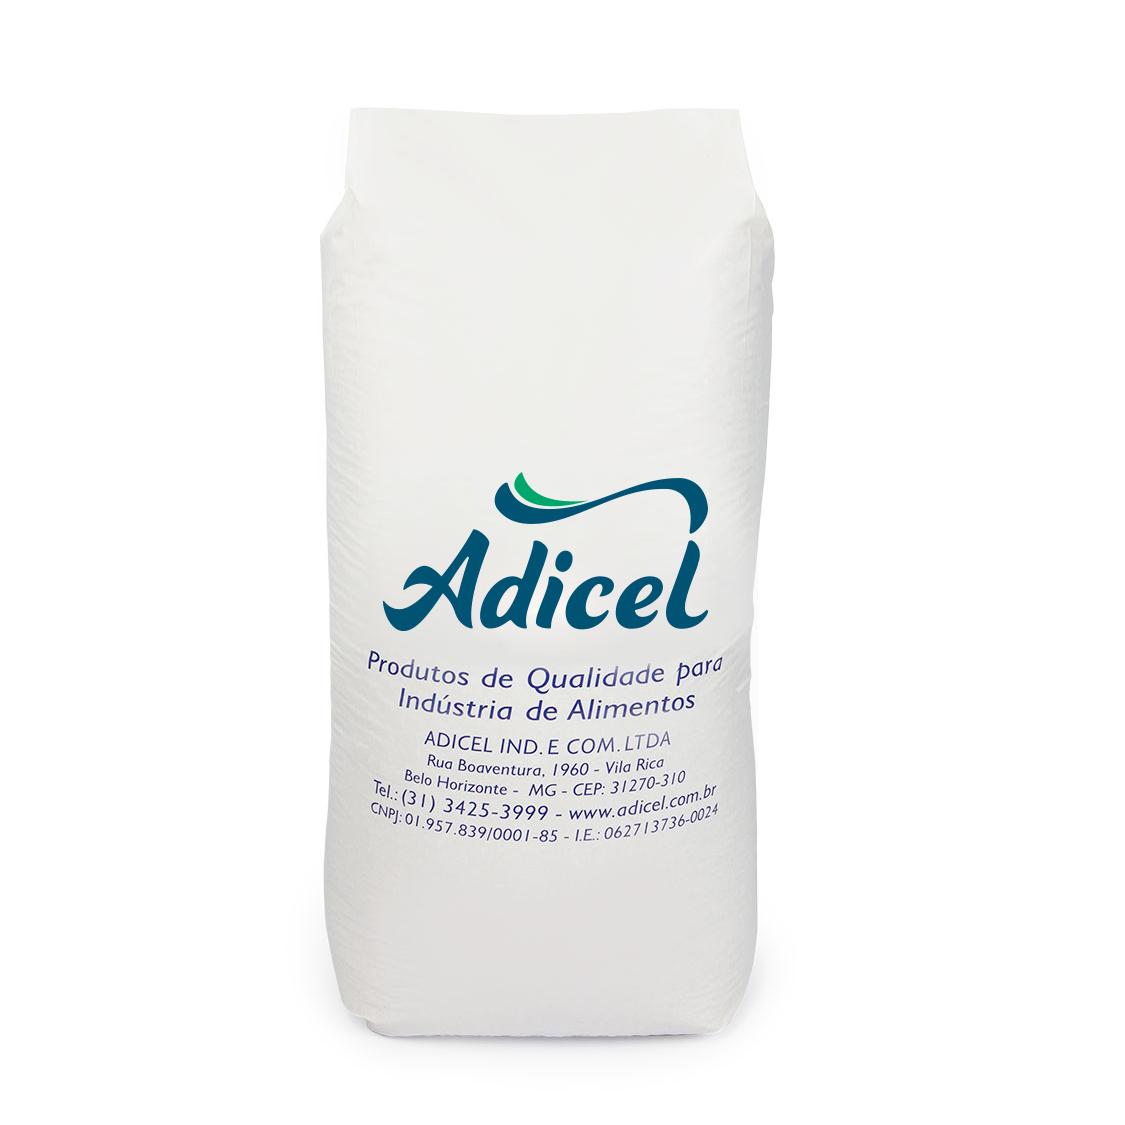 Ácido Ascórbico (Vitamina C) - 25 Kg